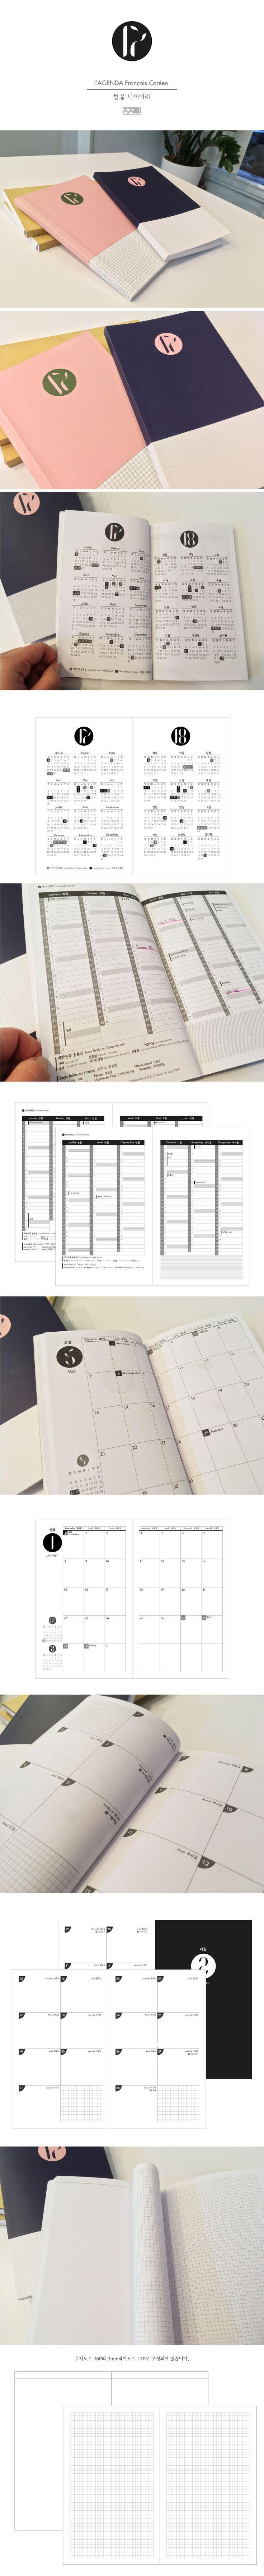 Agenda 2017 / Planner 2017 Jamjami.design a le plan à produire l'agenda Français-Coréen de l'année 2017 au format de 11cm x 18cm (épaisseur 1 cm). Vous avez les jours fériés français et coréens dans le même calendrier annuel, mensuel, journal. Je pense qu'il est bien pratique pour les gens qui travaillent pour les deux pays.